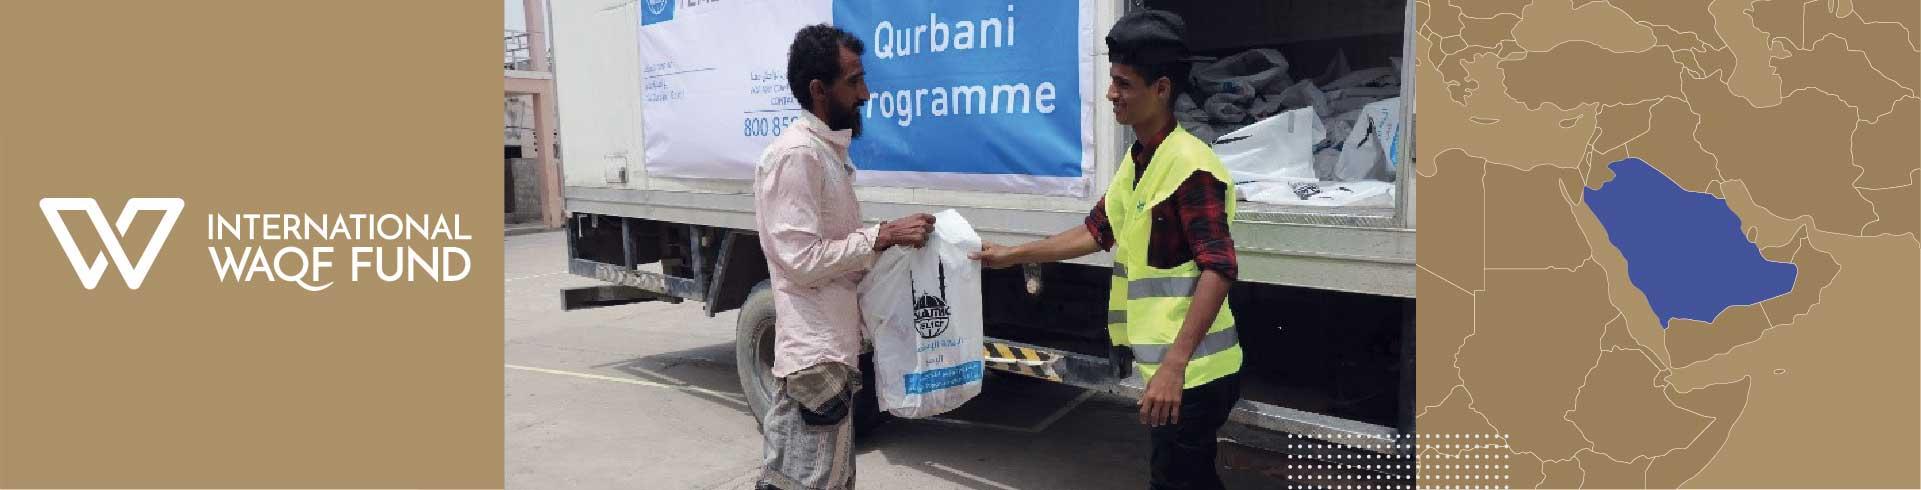 Helping families in Yemen celebrate Eid